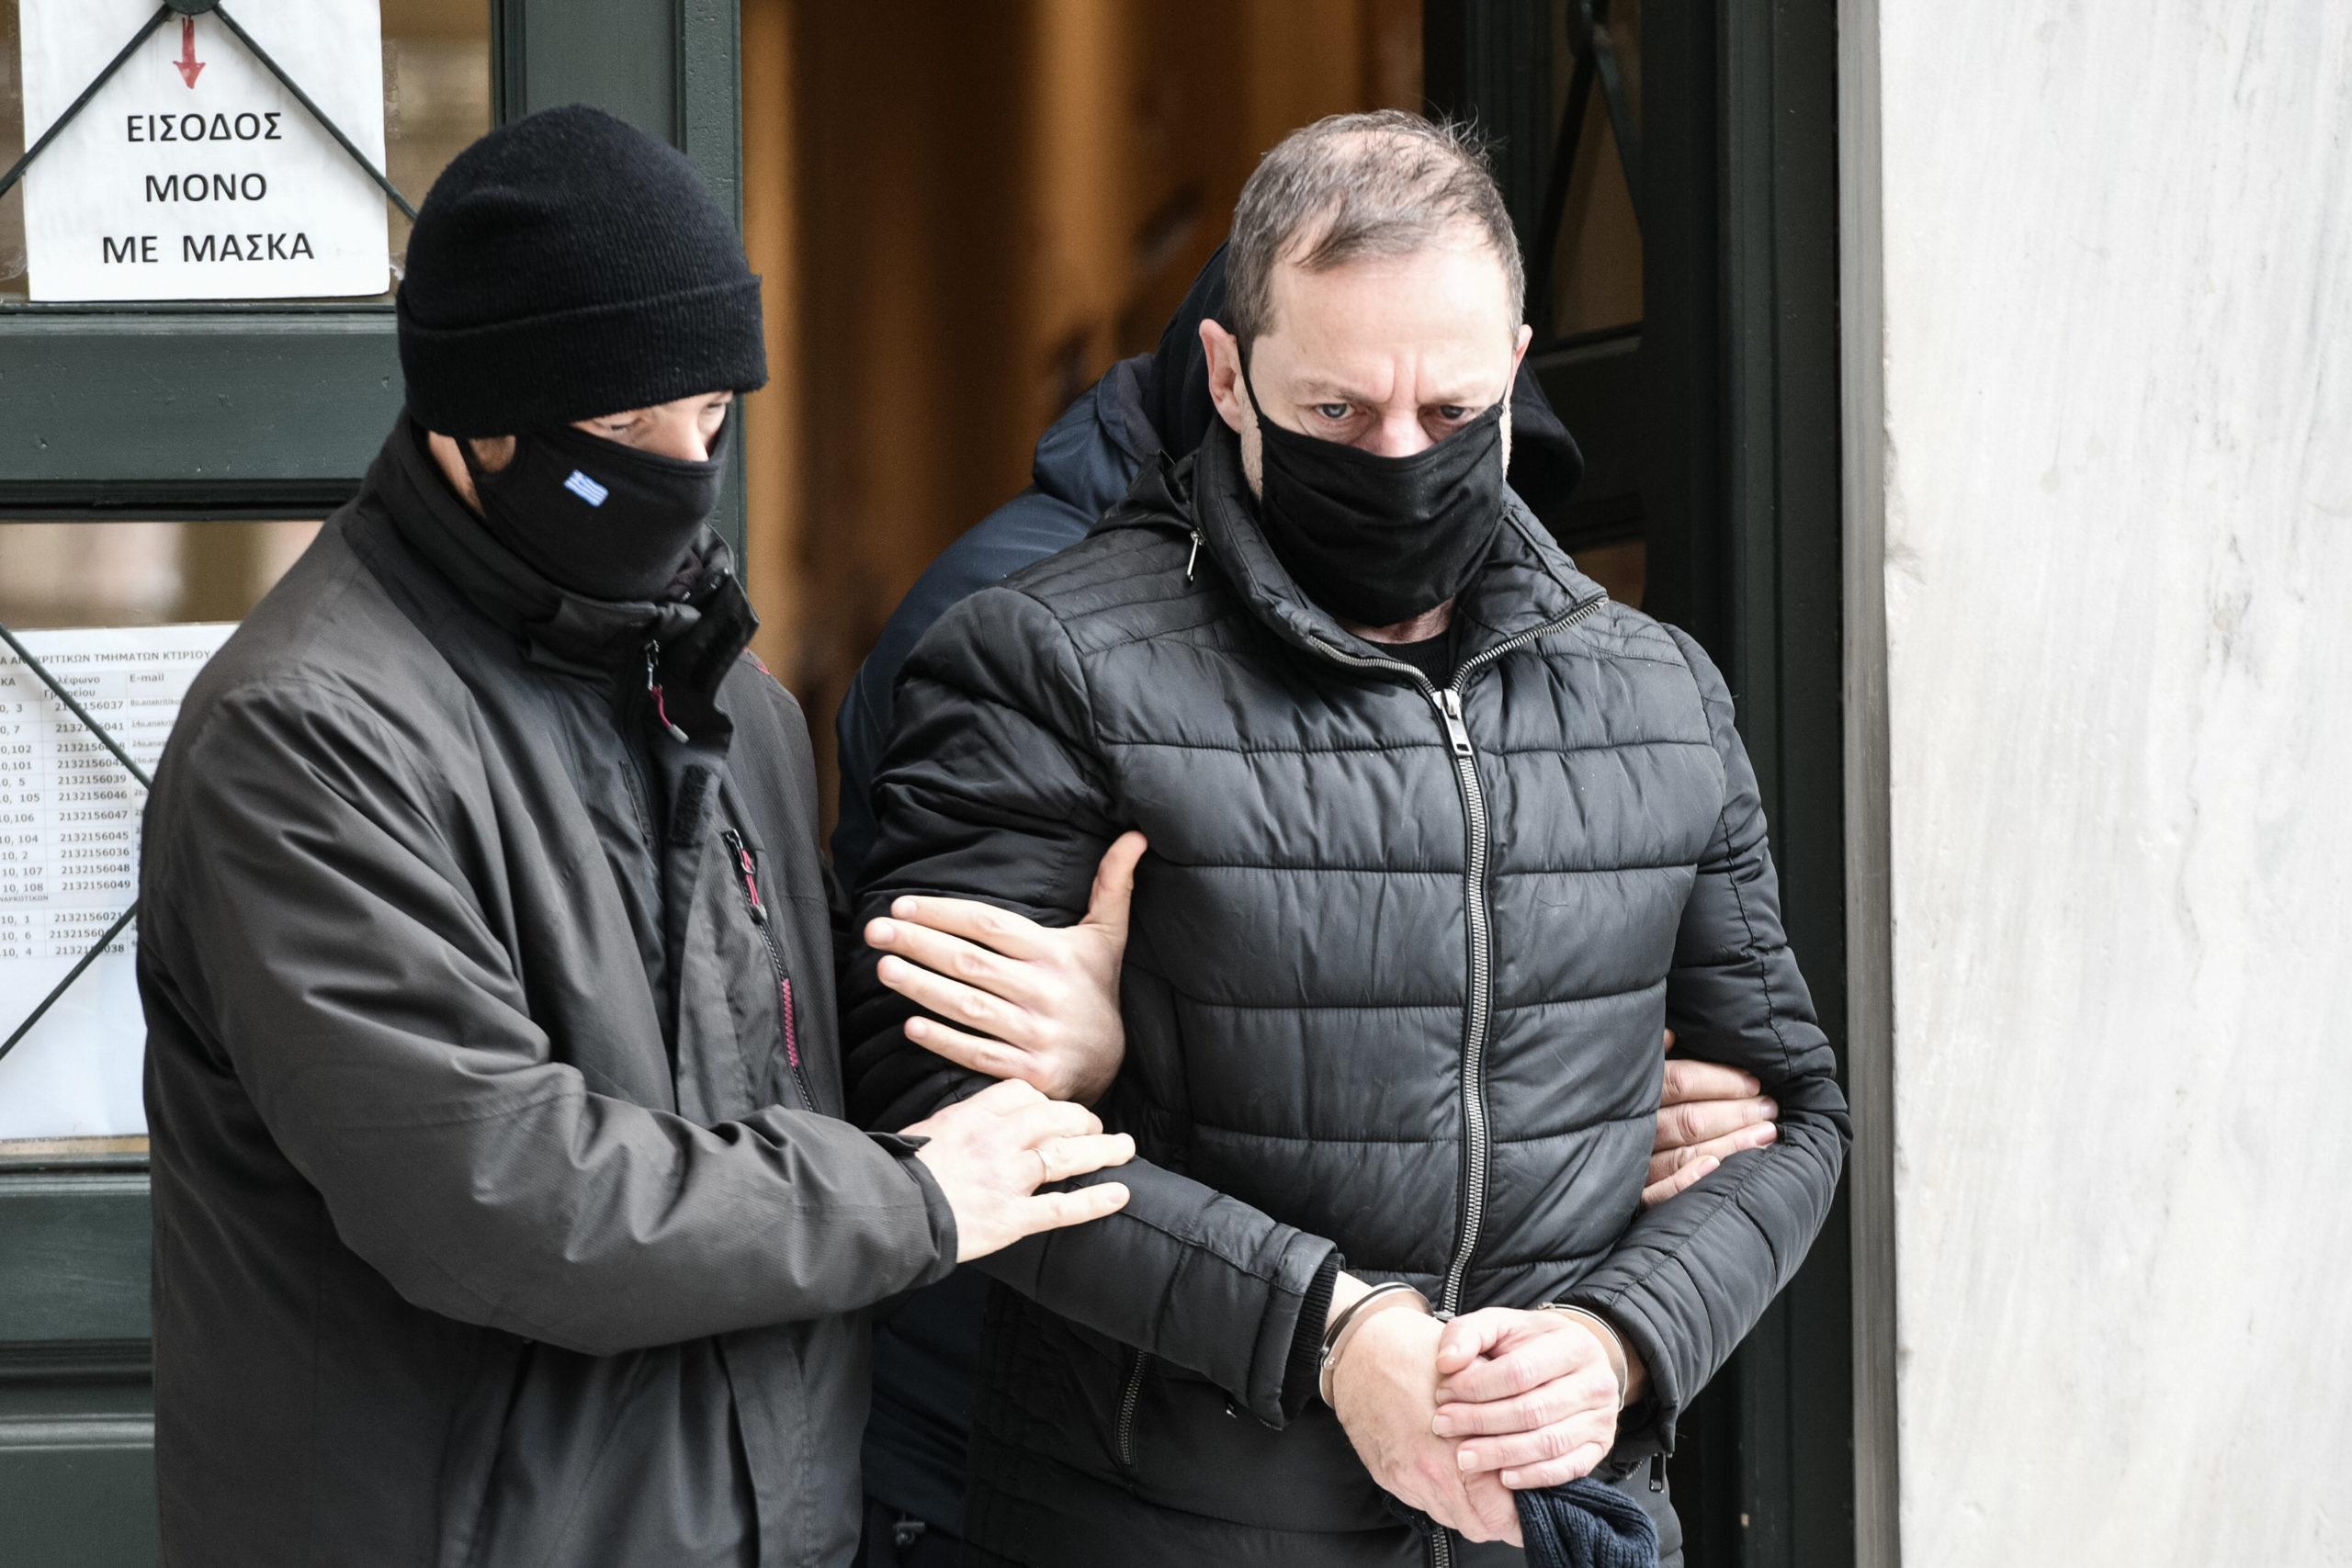 Ο συνηγορός του Δημήτρη Λιγνάδη αποσύρεται από την υπεράσπισή του